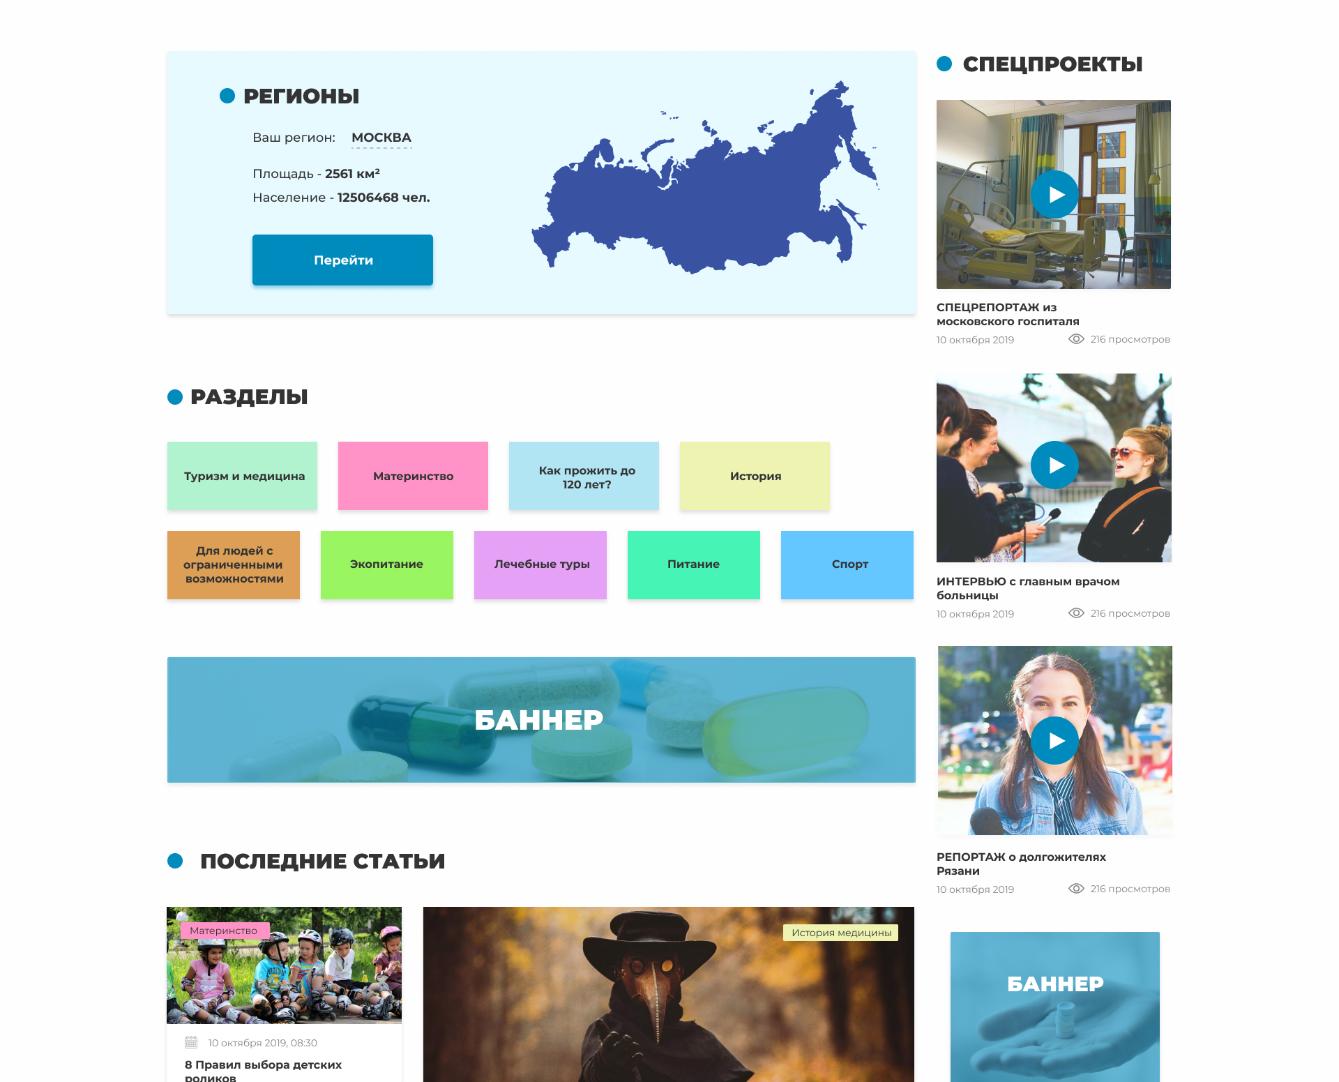 Редизайн главной страницы портала mednews24.ru фото f_3585da050333c27e.png